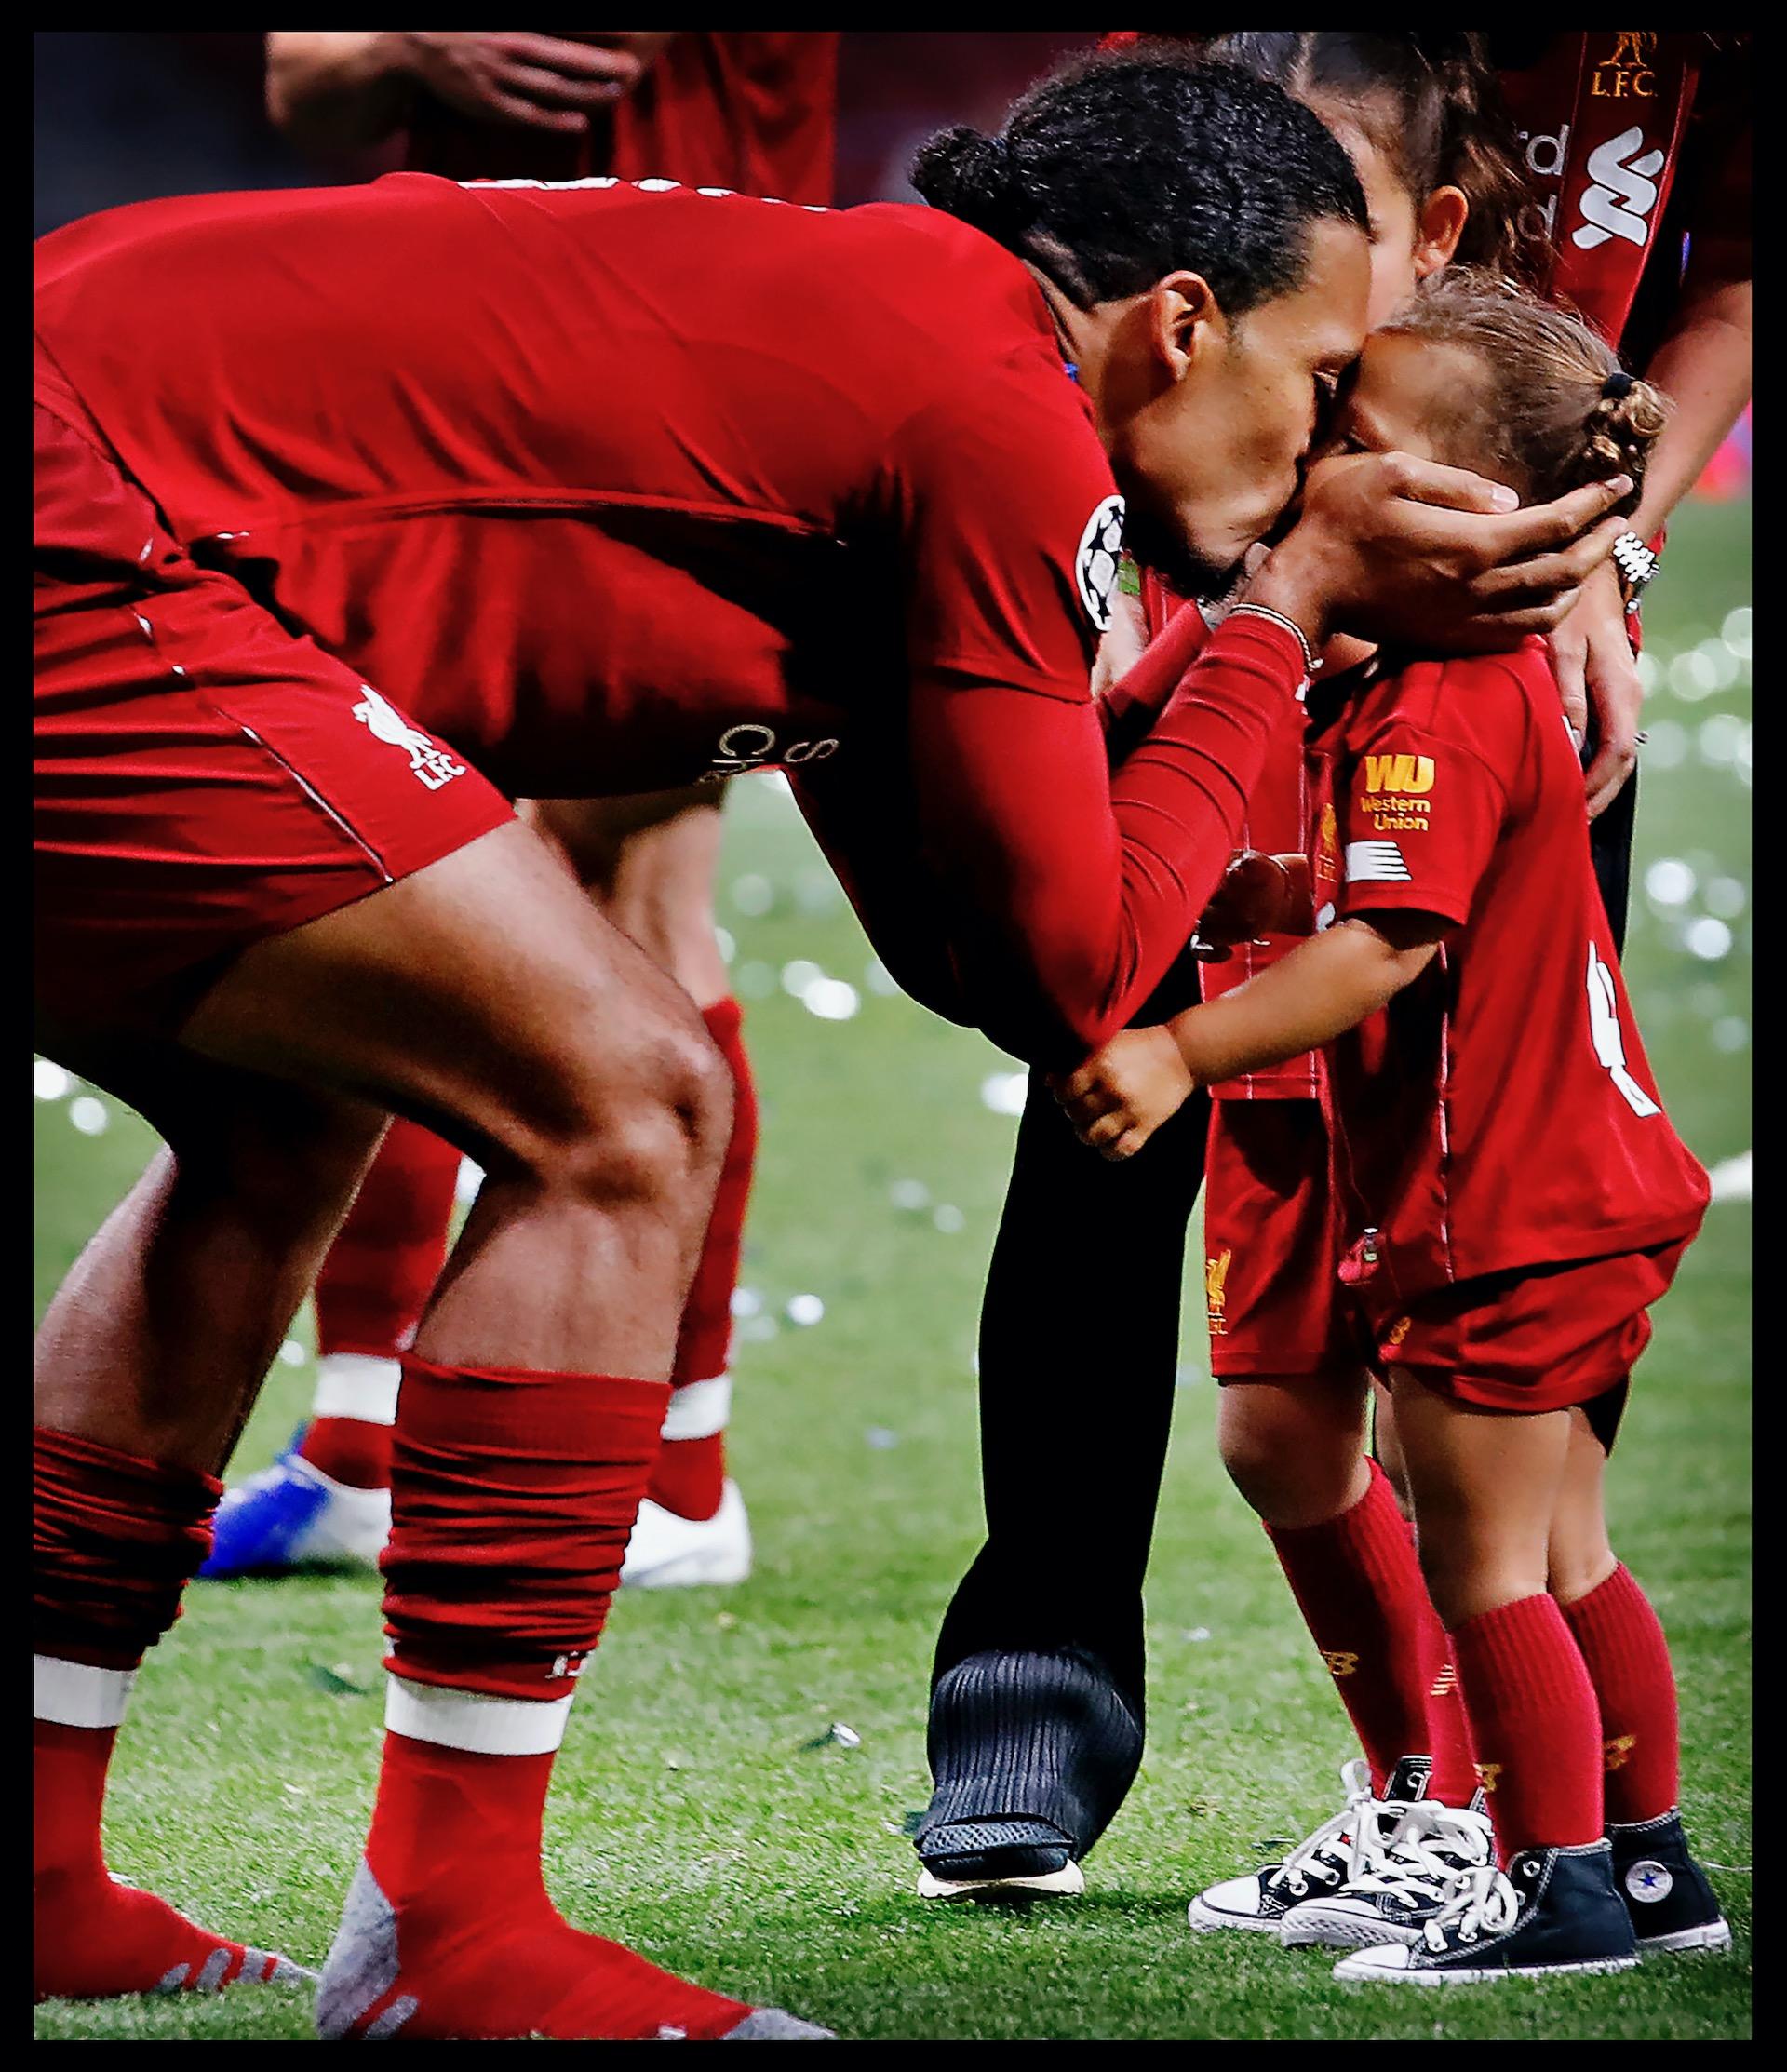 Spanje, Madrid, 02-06-2019Serie; Geen Champions League victorie zonder familie!Champions League finale Liverpool-Tottenham Hotspur.Om kwart over 12 kunnen  Gini en Virgil eindelijk de Champions League winst vieren met hun geliefden en kinderen. Virgil van Dijk geeft op kousen zijn dochtertje een kus. Het familiegeluk is compleet!